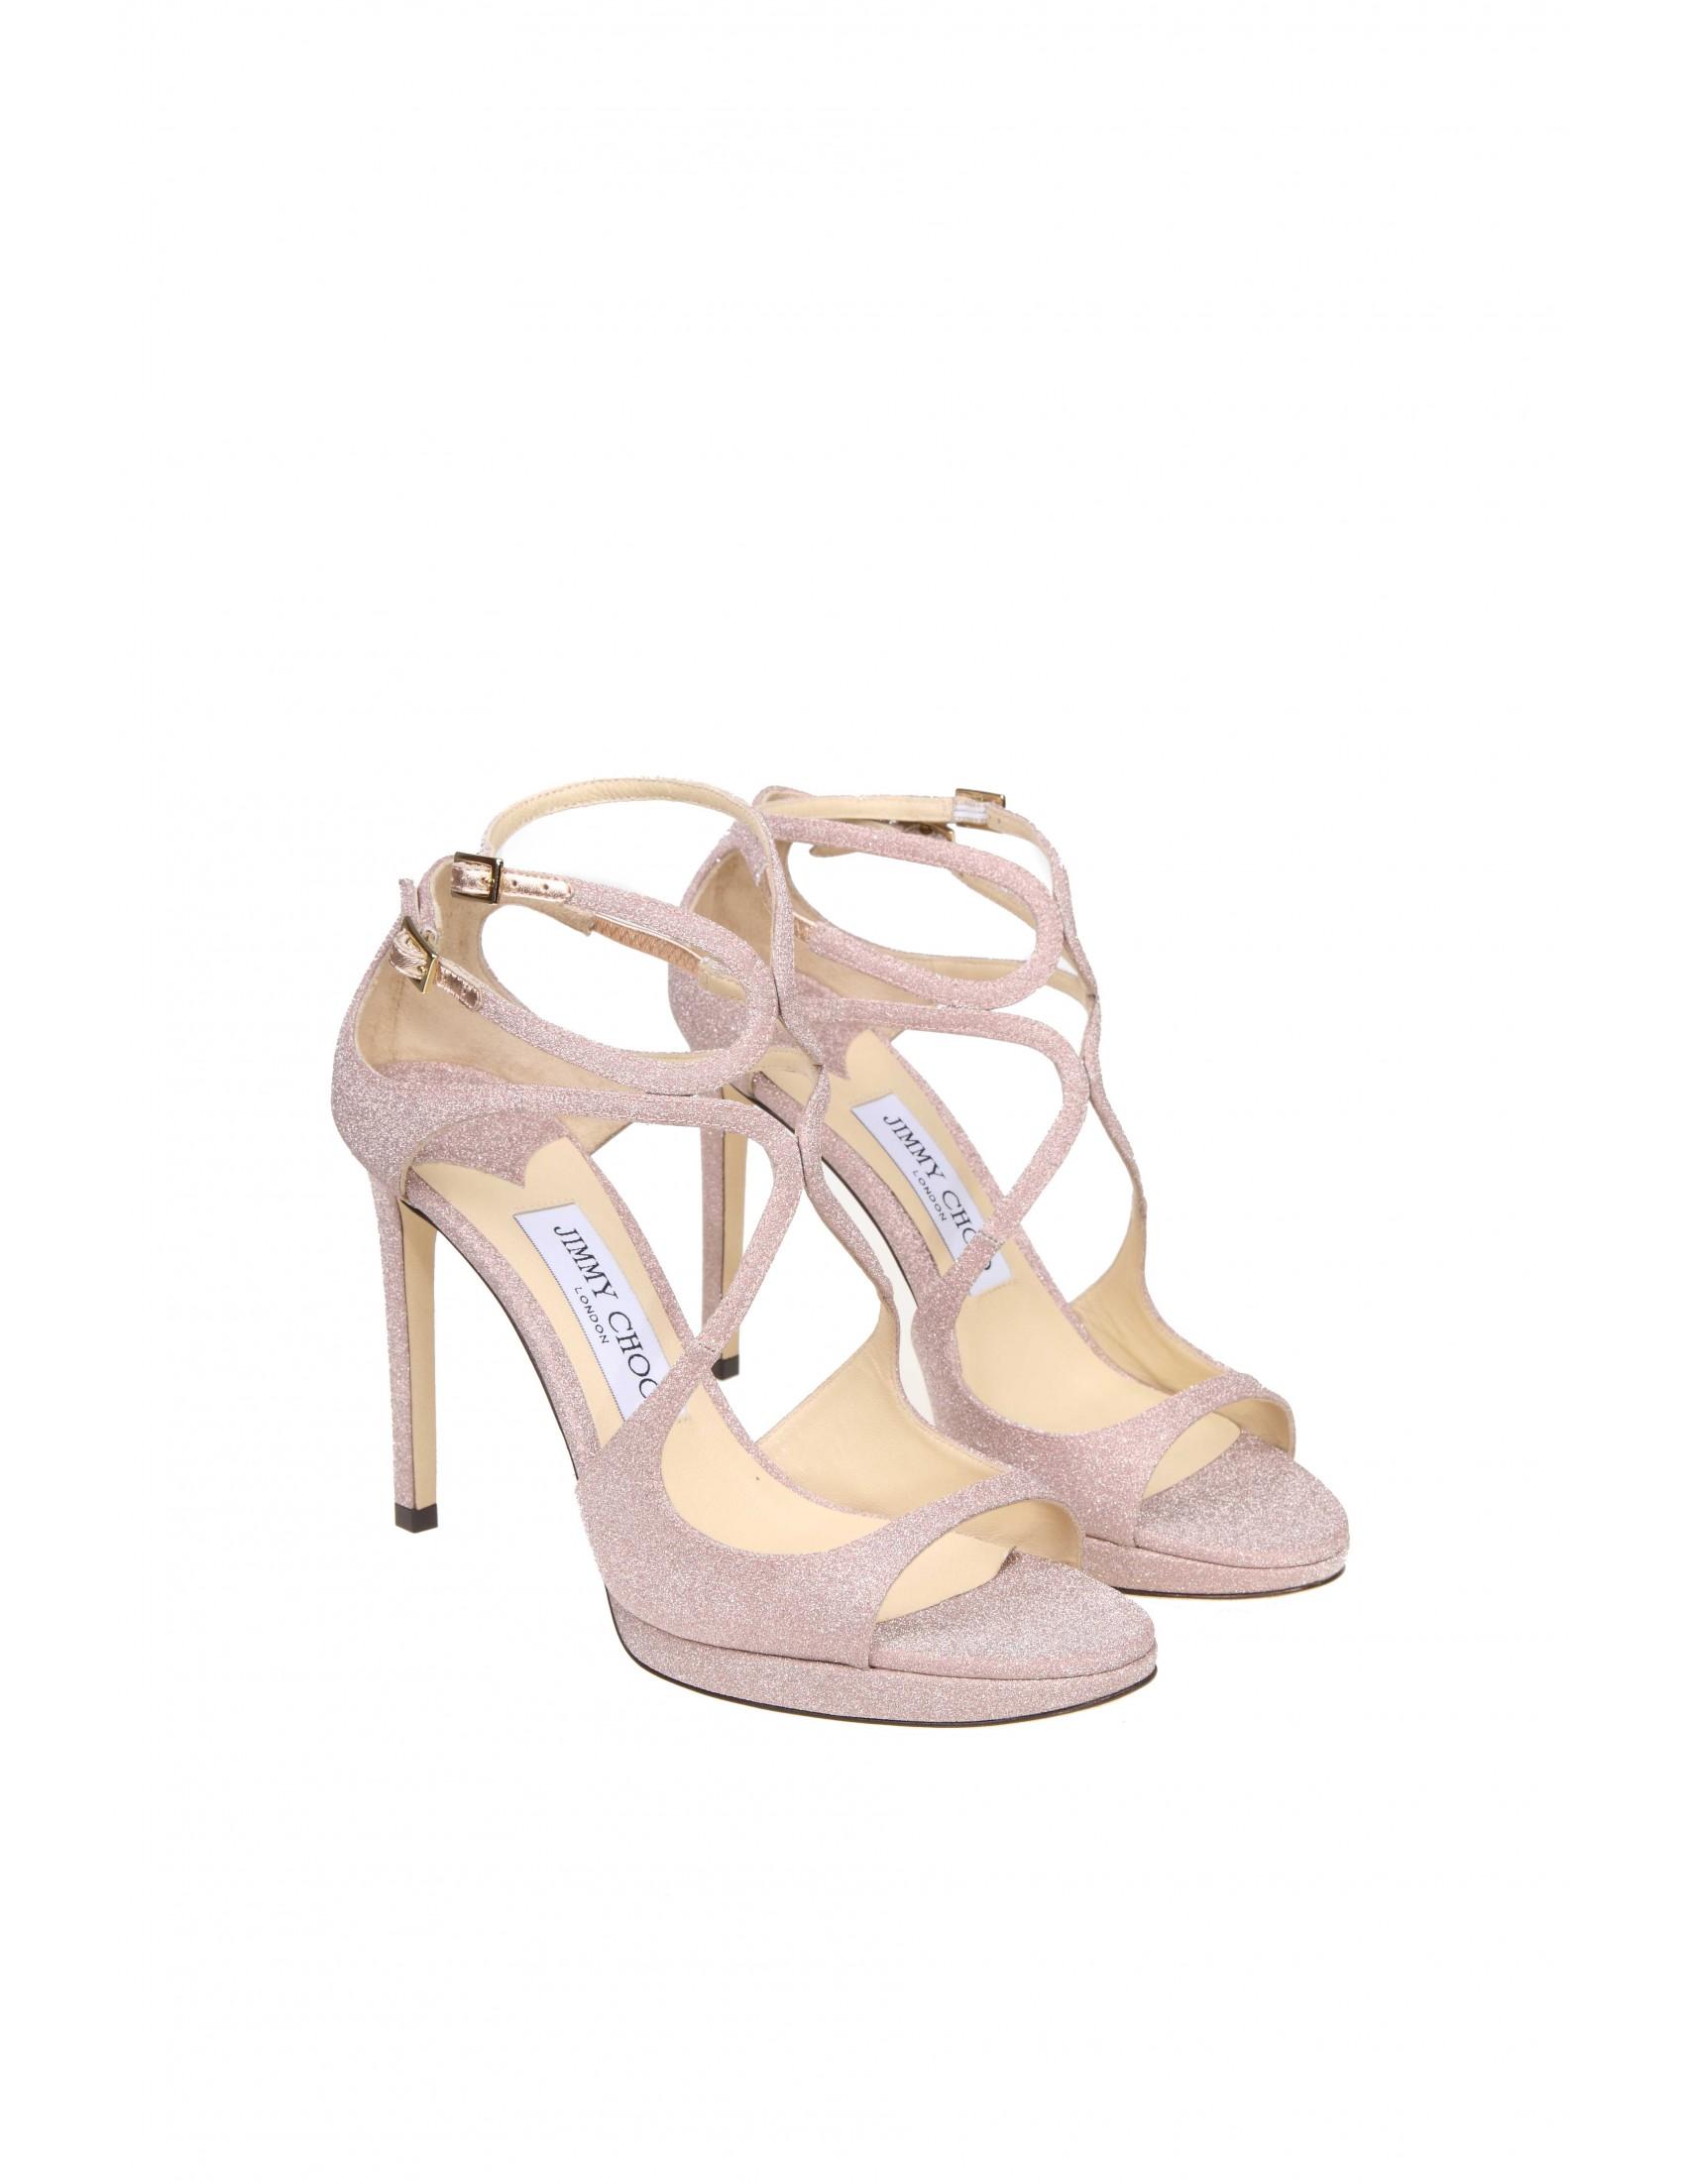 Colore Sandalo In Glitterato Tessuto 100 Jimmy Rosa Lace Choo htdrQs